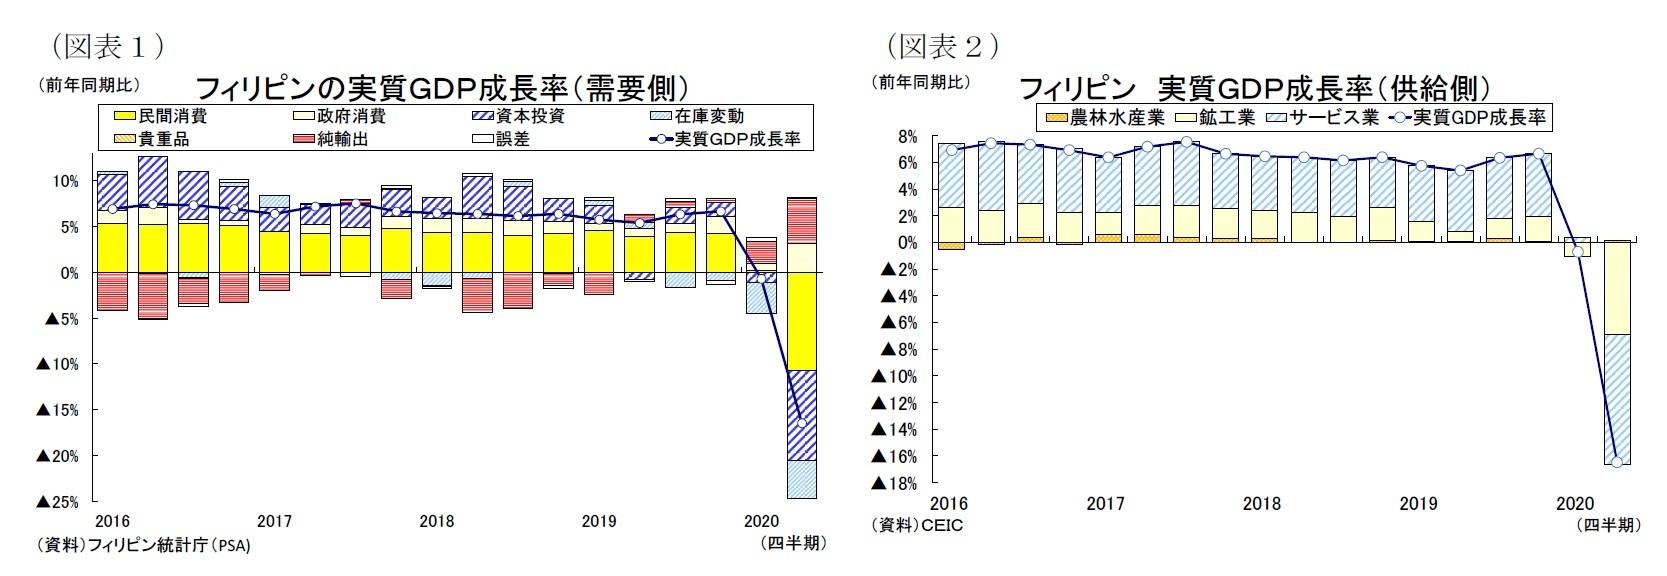 (図表1)フィリピンの実質GDP成長率(需要側)/(図表2)フィリピン 実質GDP成長率(供給側)